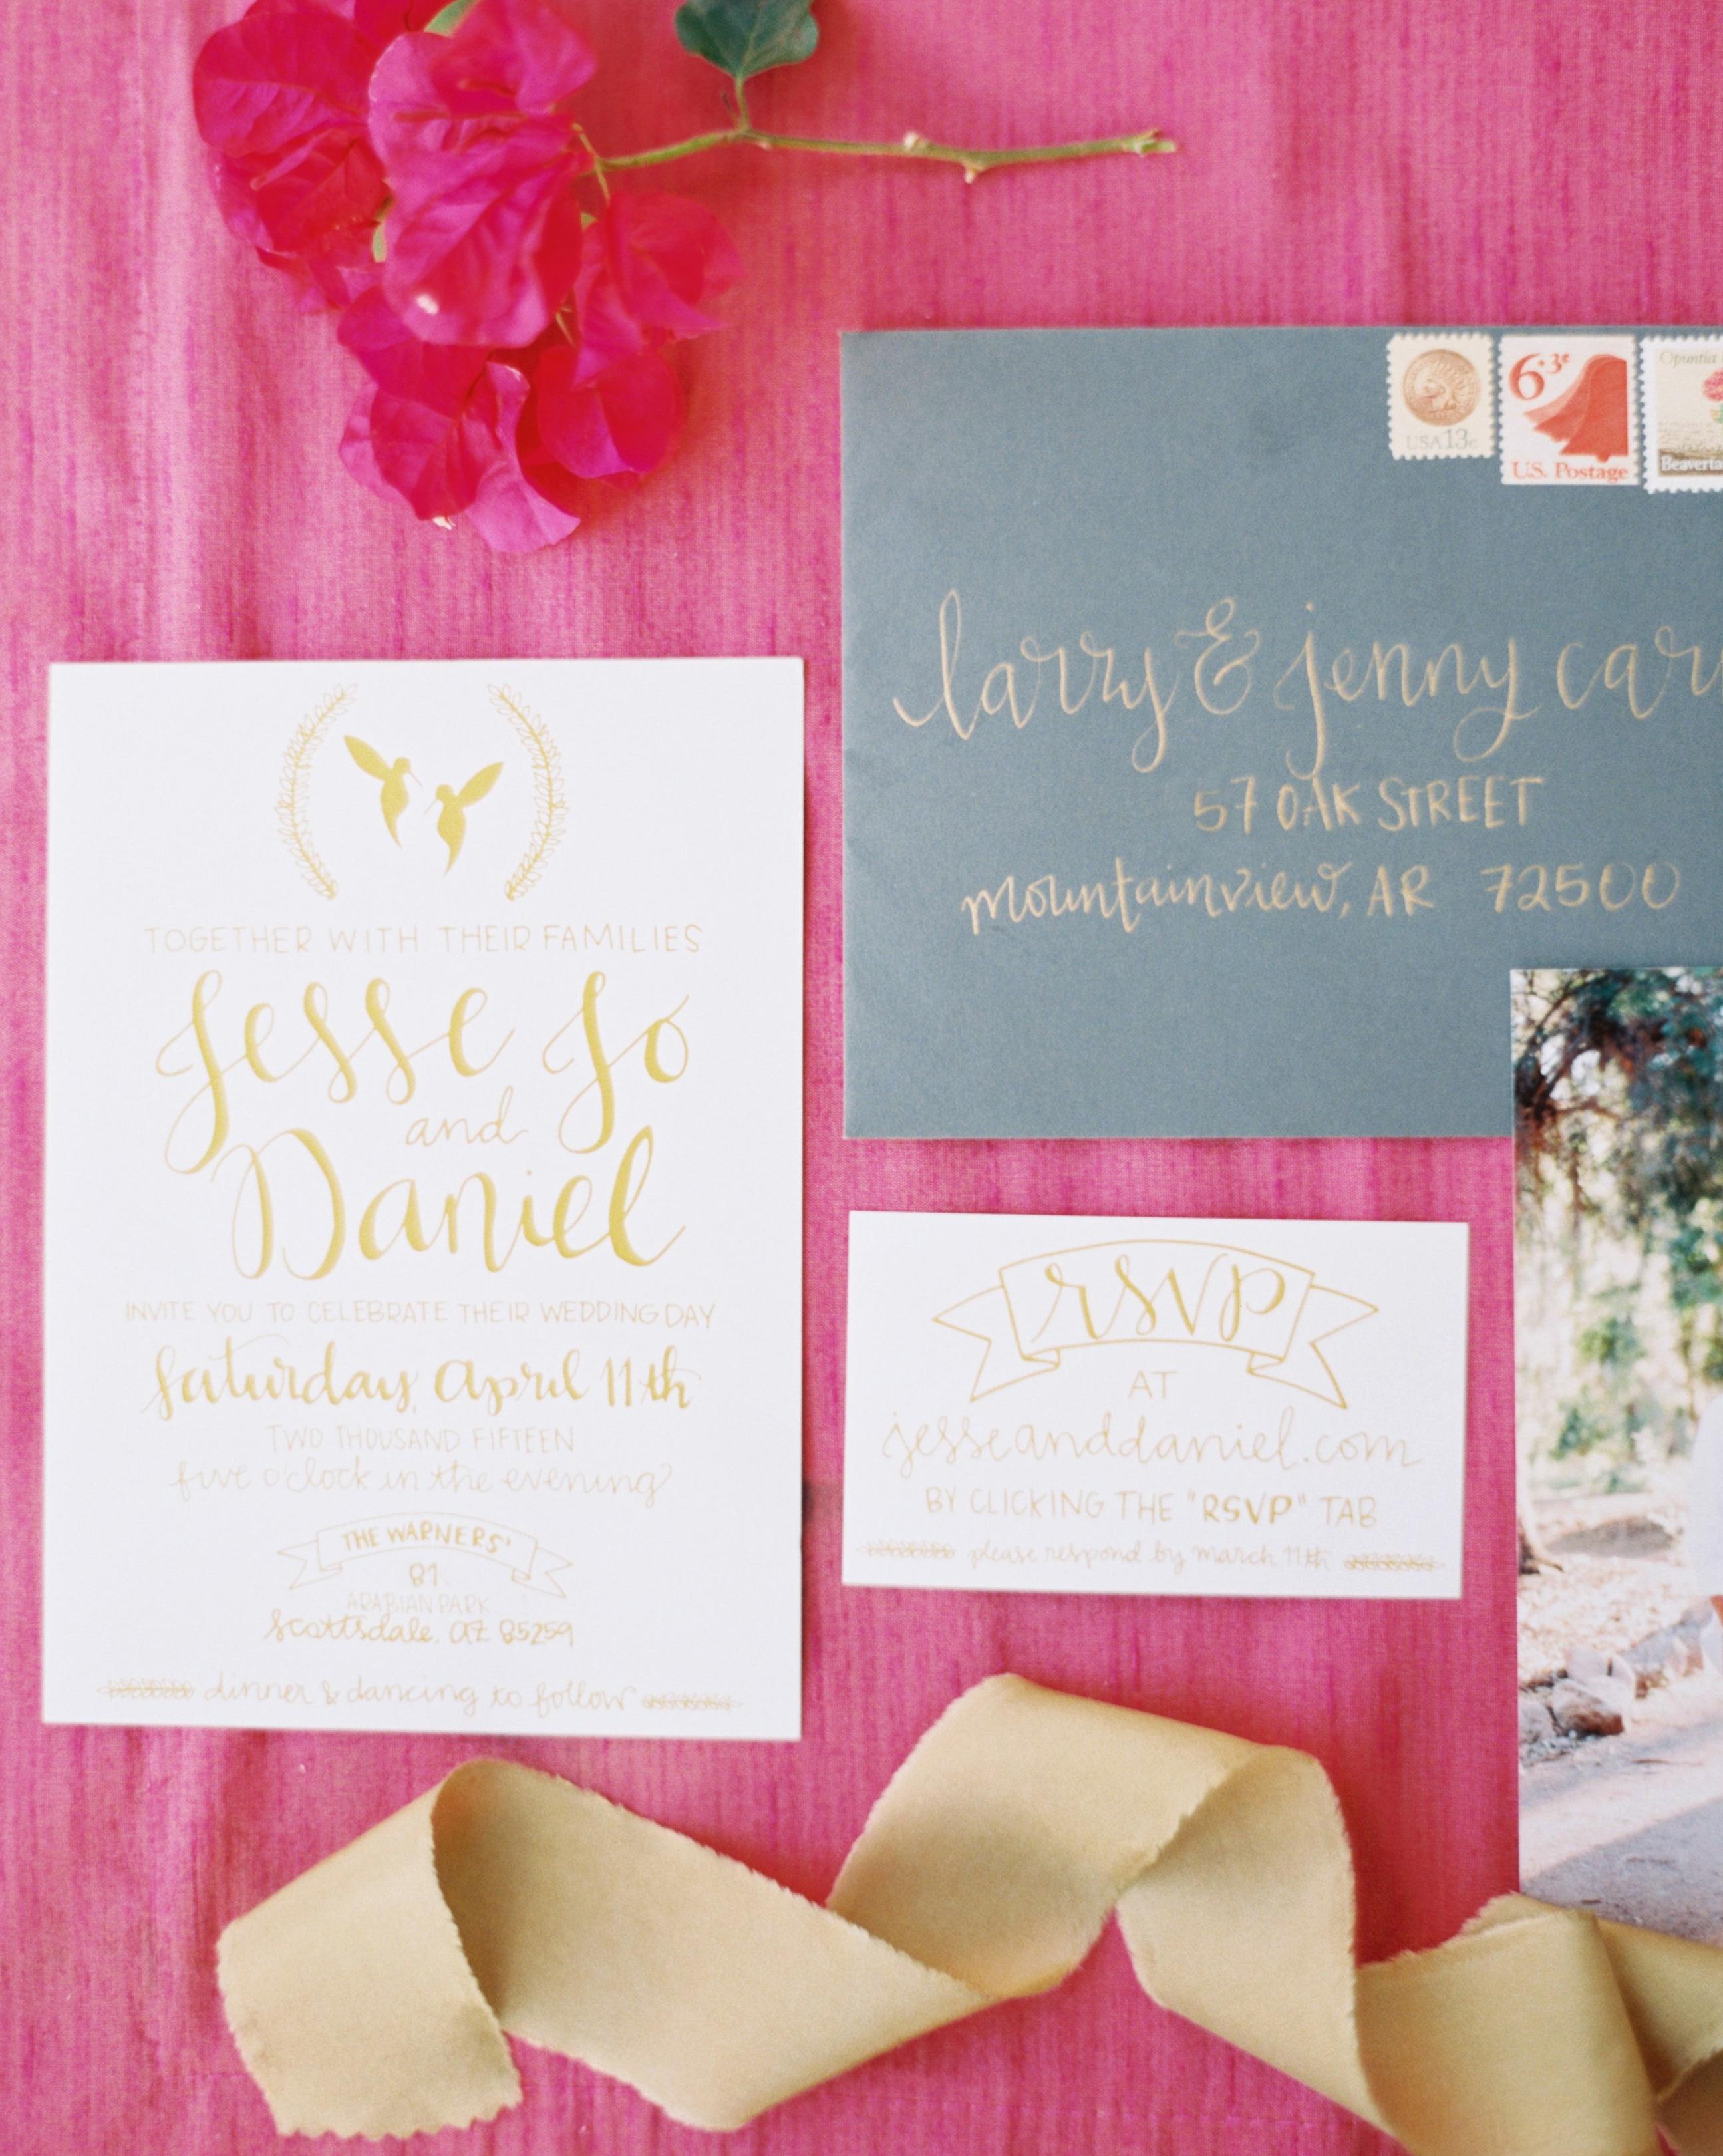 jessejo-daniel-wedding-stationery-061-s112302-1015.jpg